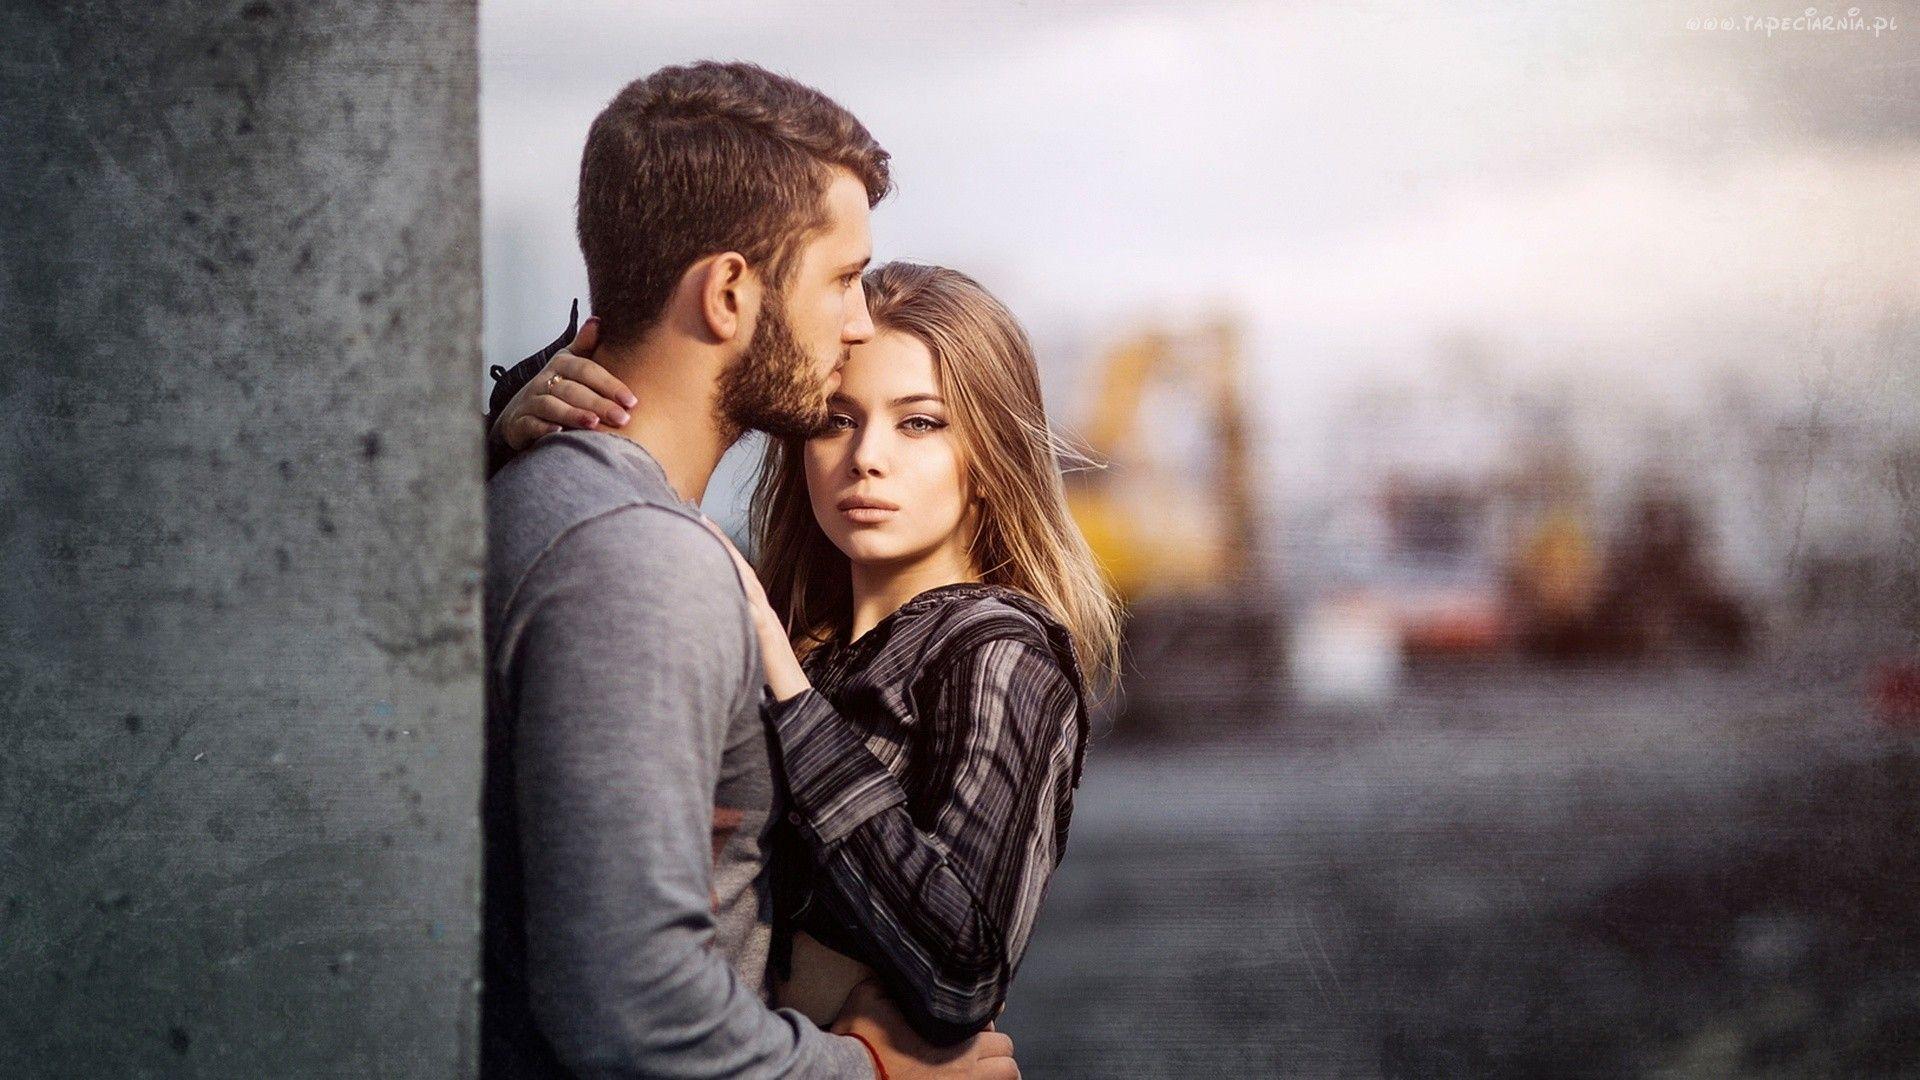 через объектив Красивые фотографии девушка и парень